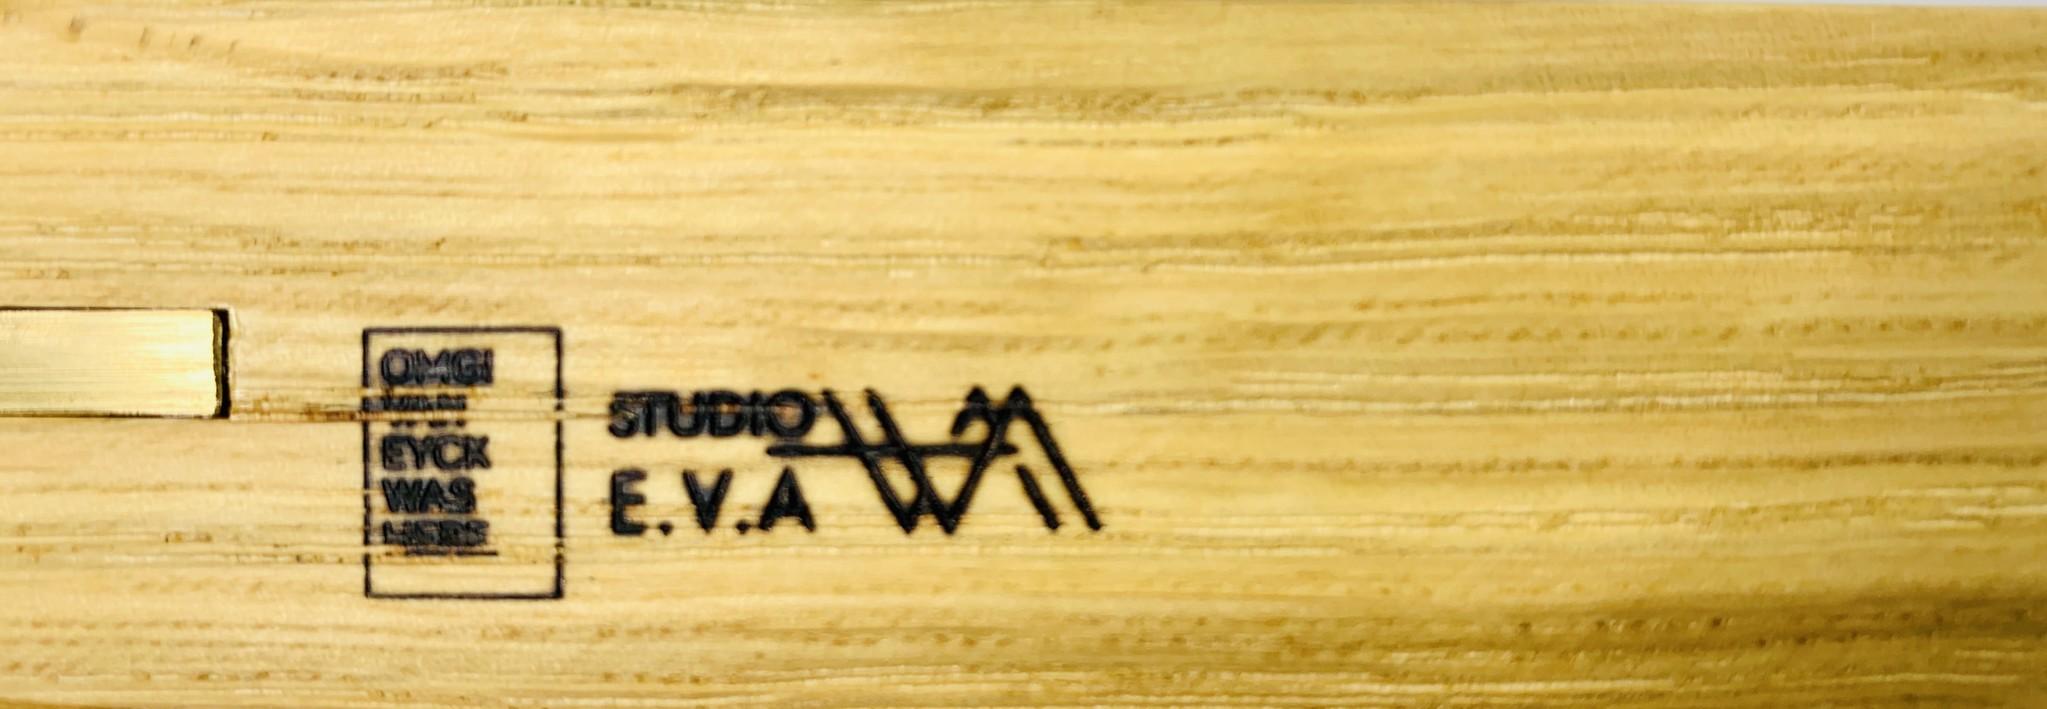 Studio E.V.A Dubbelzijdig eiken dienblad - Studio E.V.A